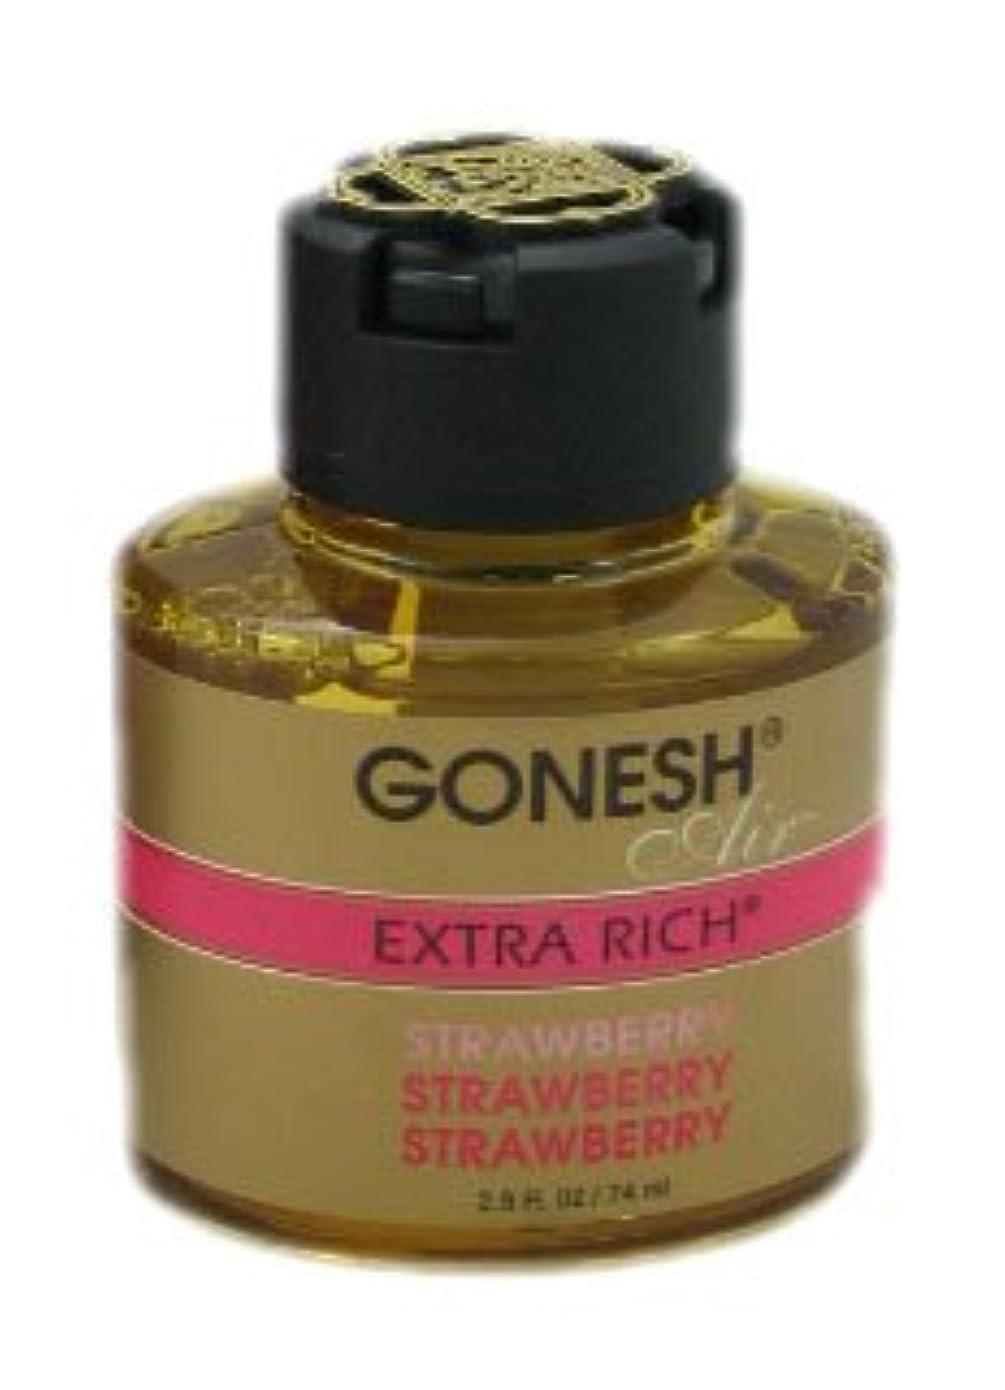 強いますソフィーマイルストーンガーネッシュ(GONESH) リキッドエアフレッシュナー ストロベリー 74ml